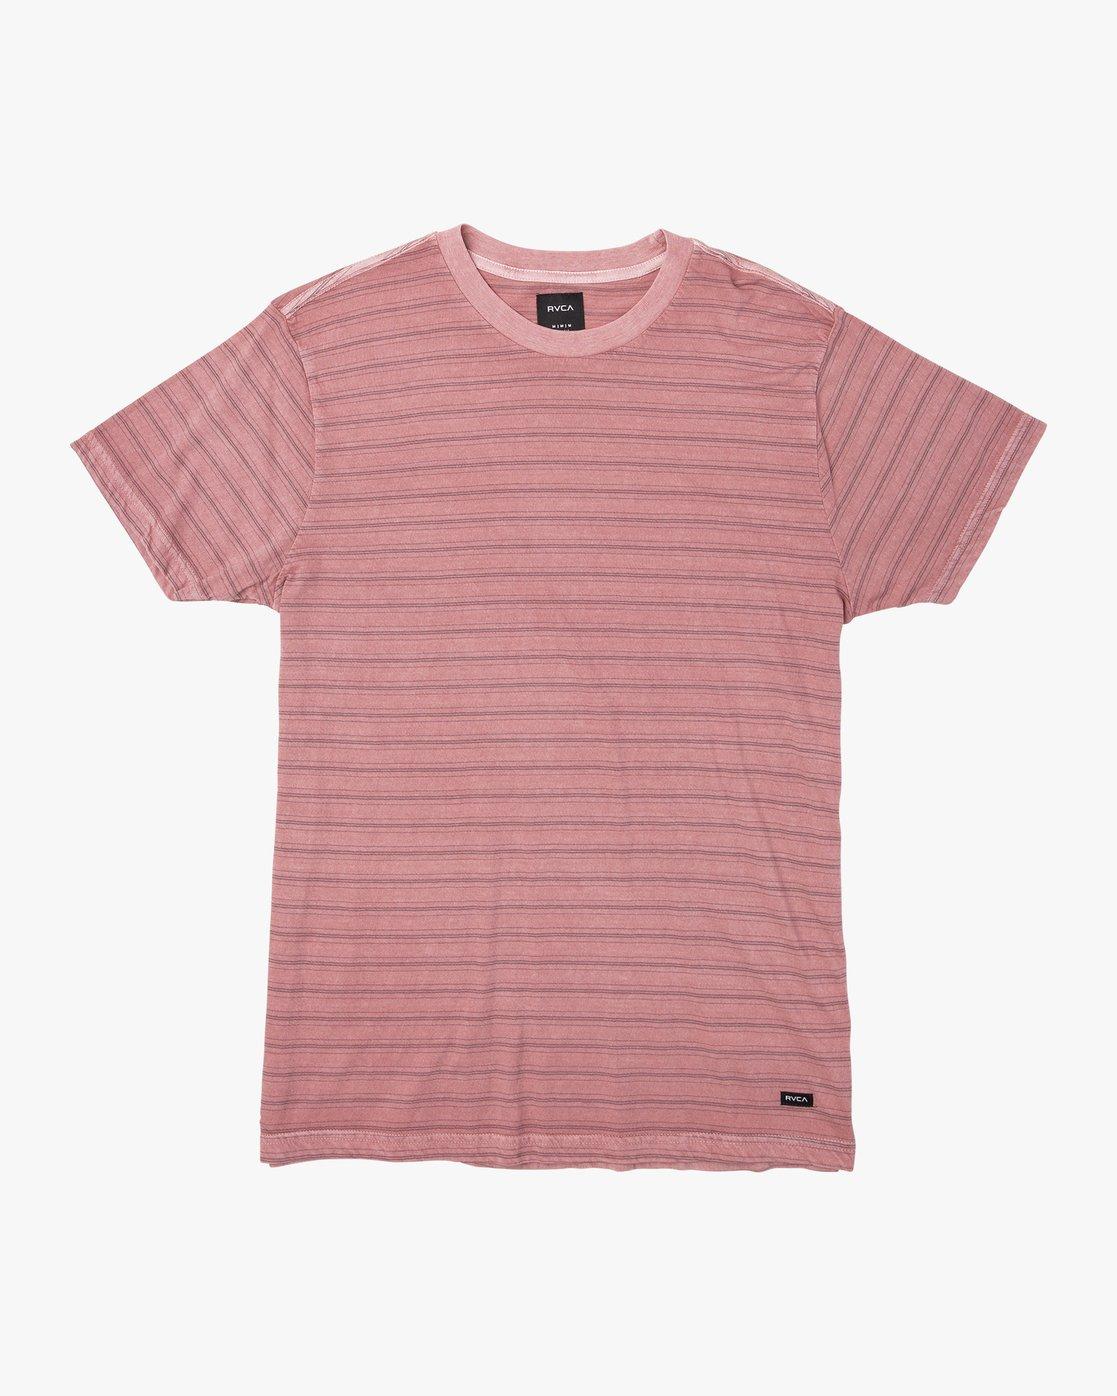 0 Saturation Stripe Knit T-Shirt Grey M901VRSS RVCA